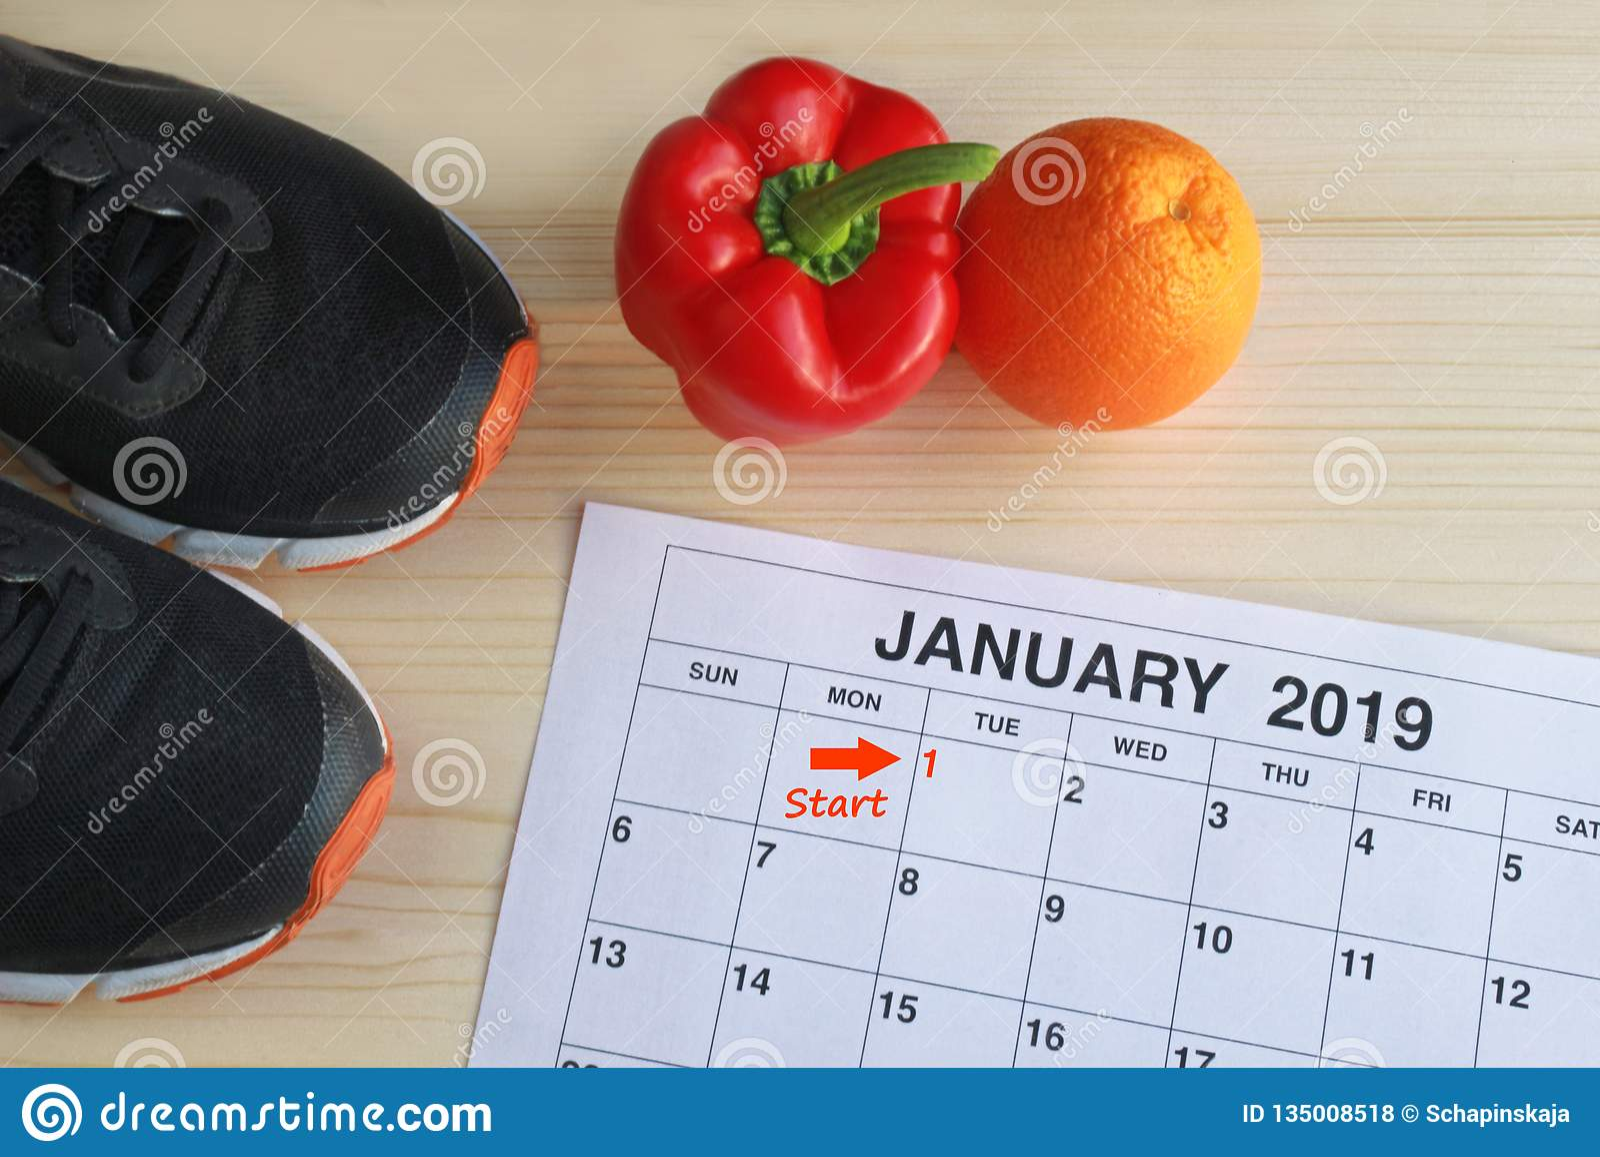 Januari 2019 start i ett nytt sunt liv